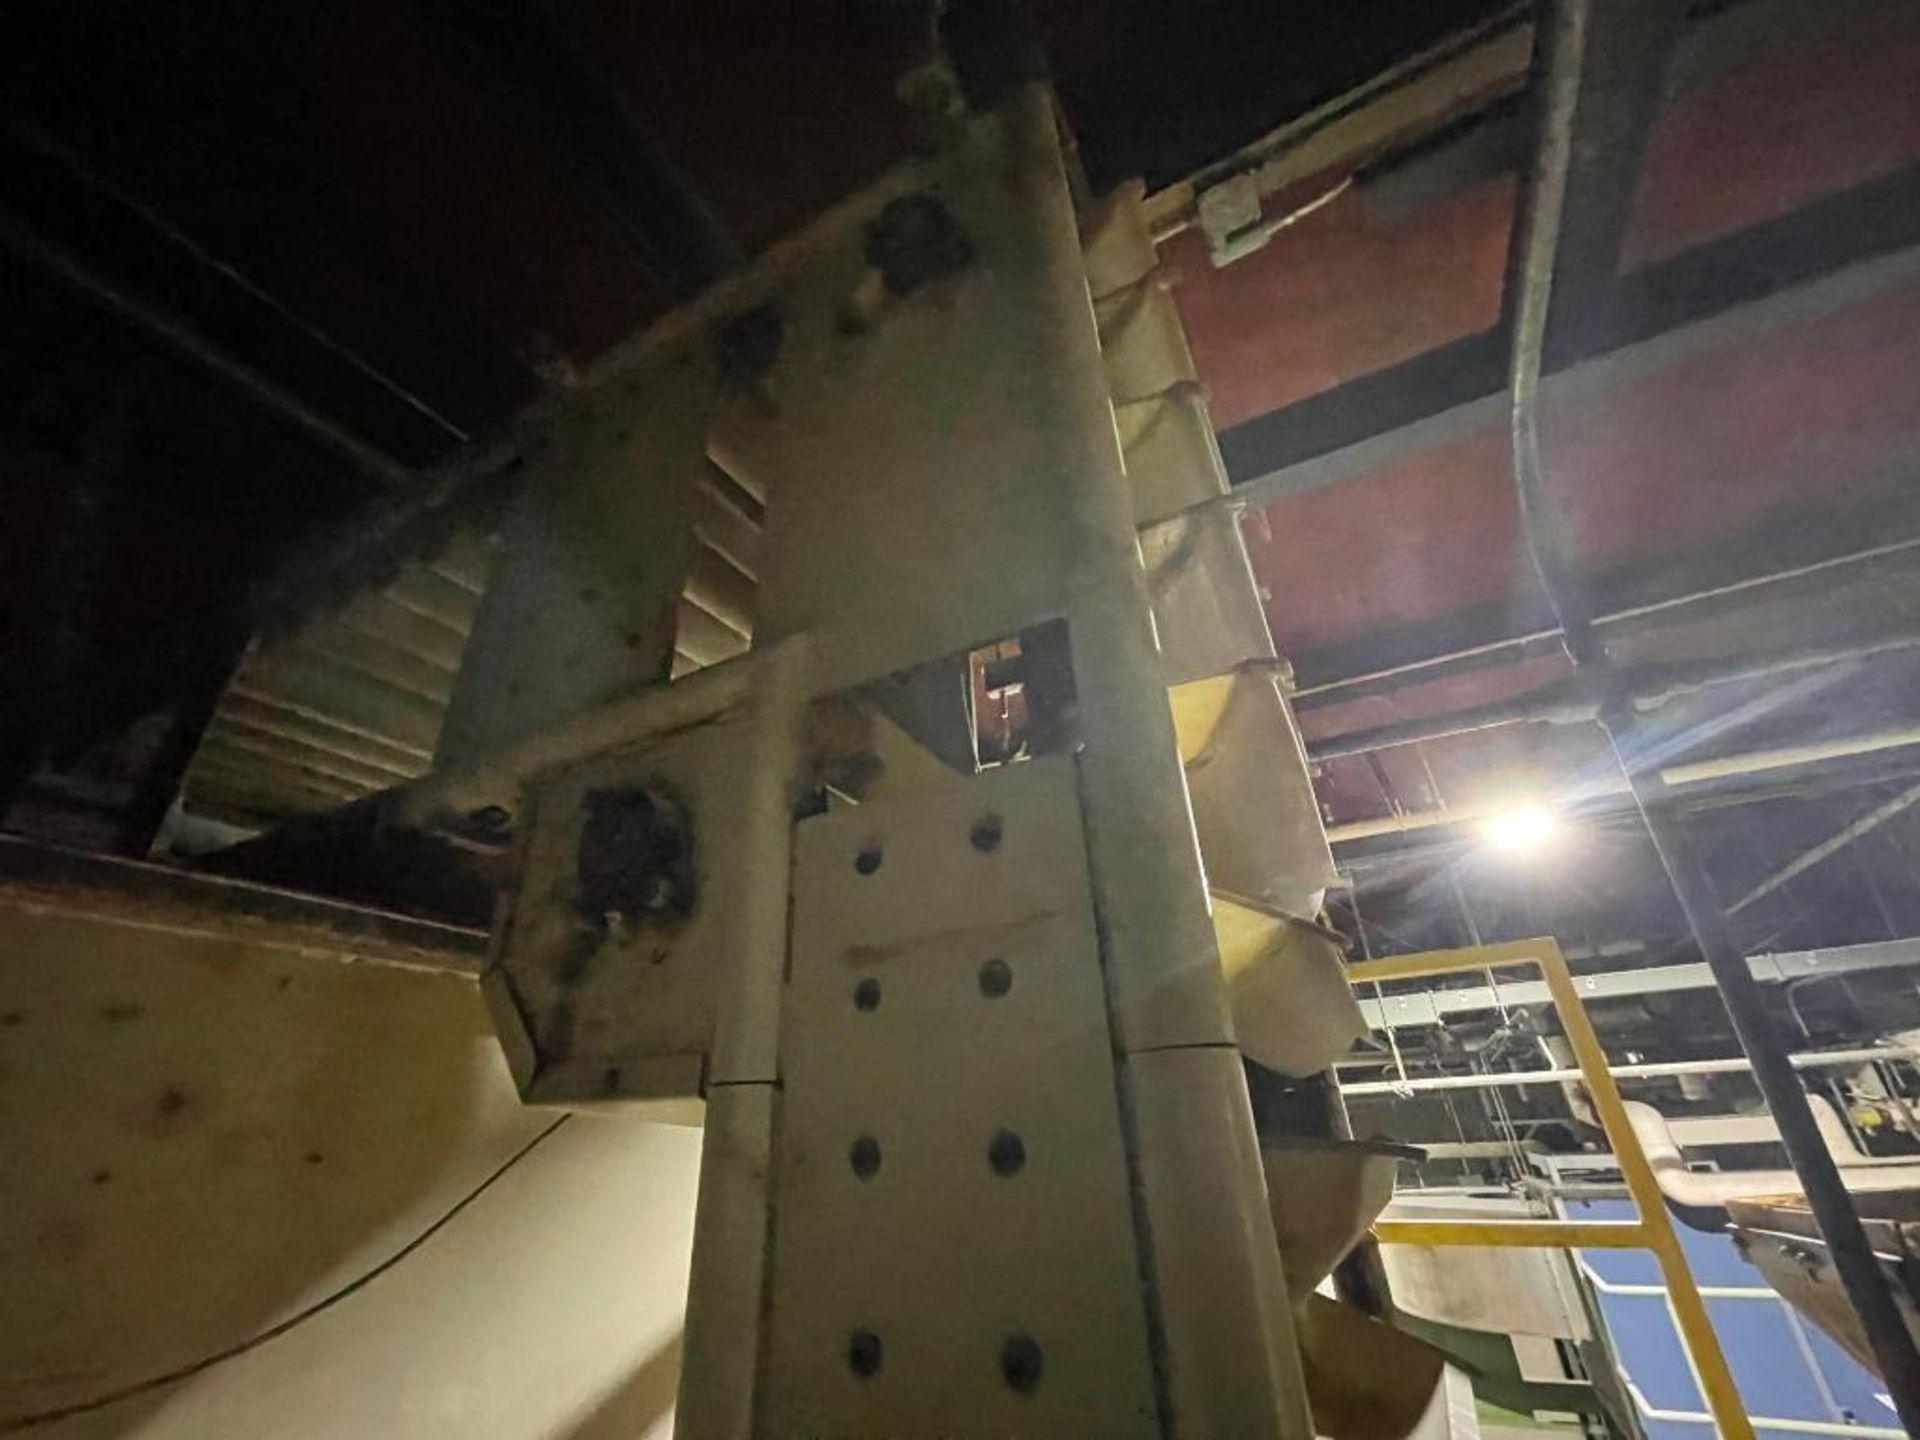 Aseeco horizontal overlapping bucket elevator - Image 10 of 13